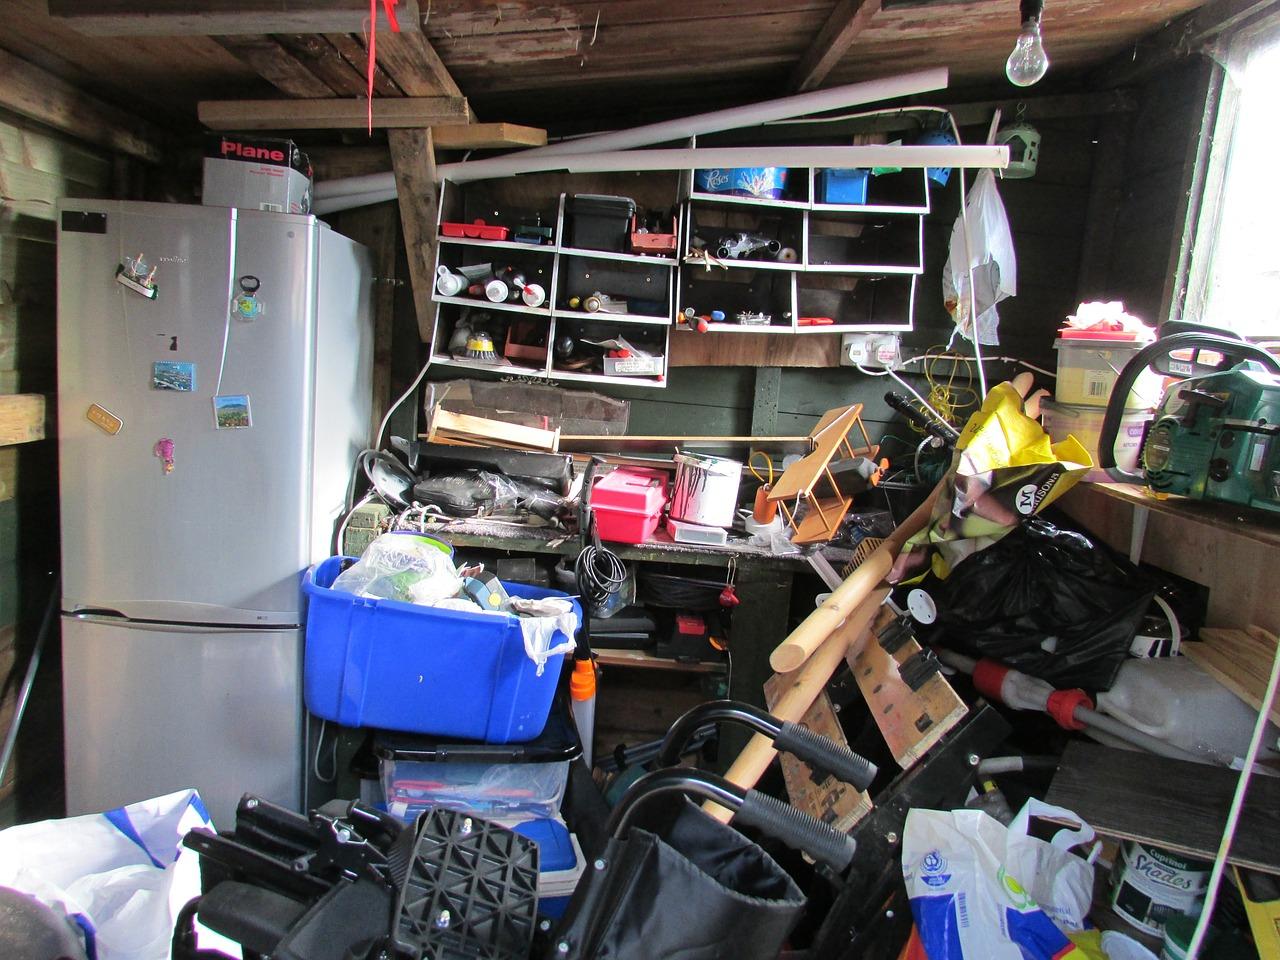 Clutter in a garage.